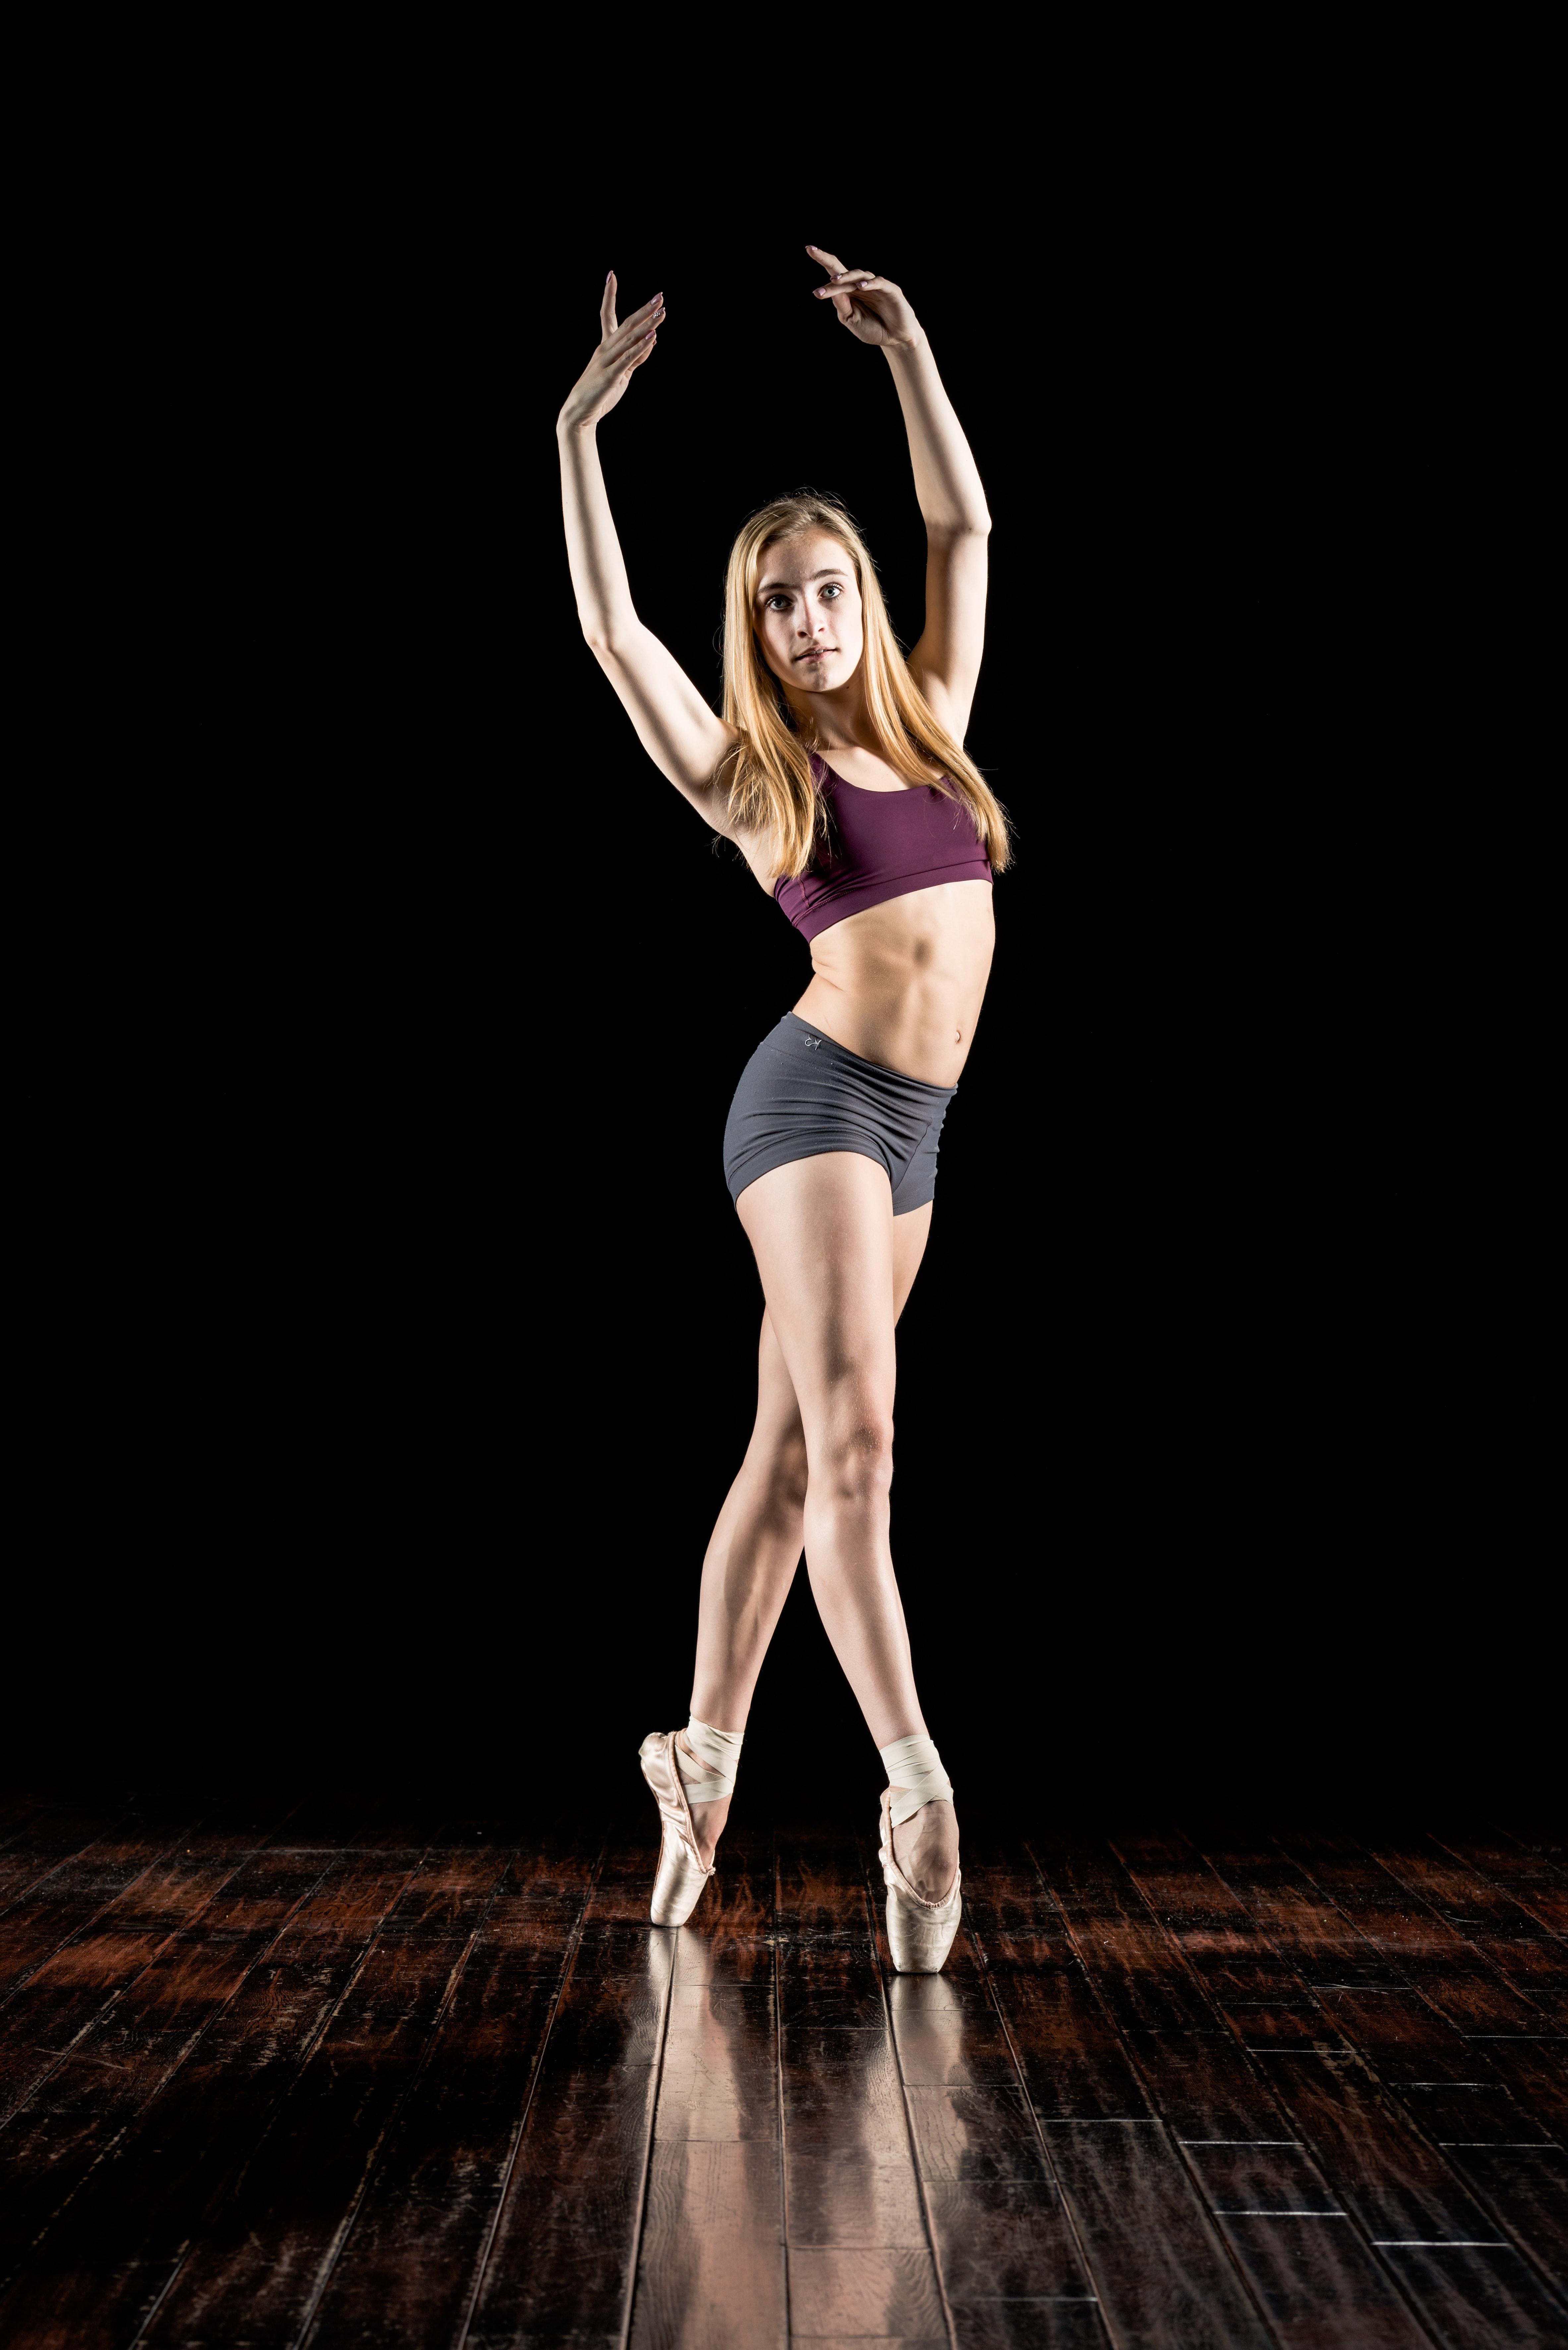 Публикация с тегами: Тренировки, Интересное, Спорт, Фитнес, Йога, Советы, Здоровье